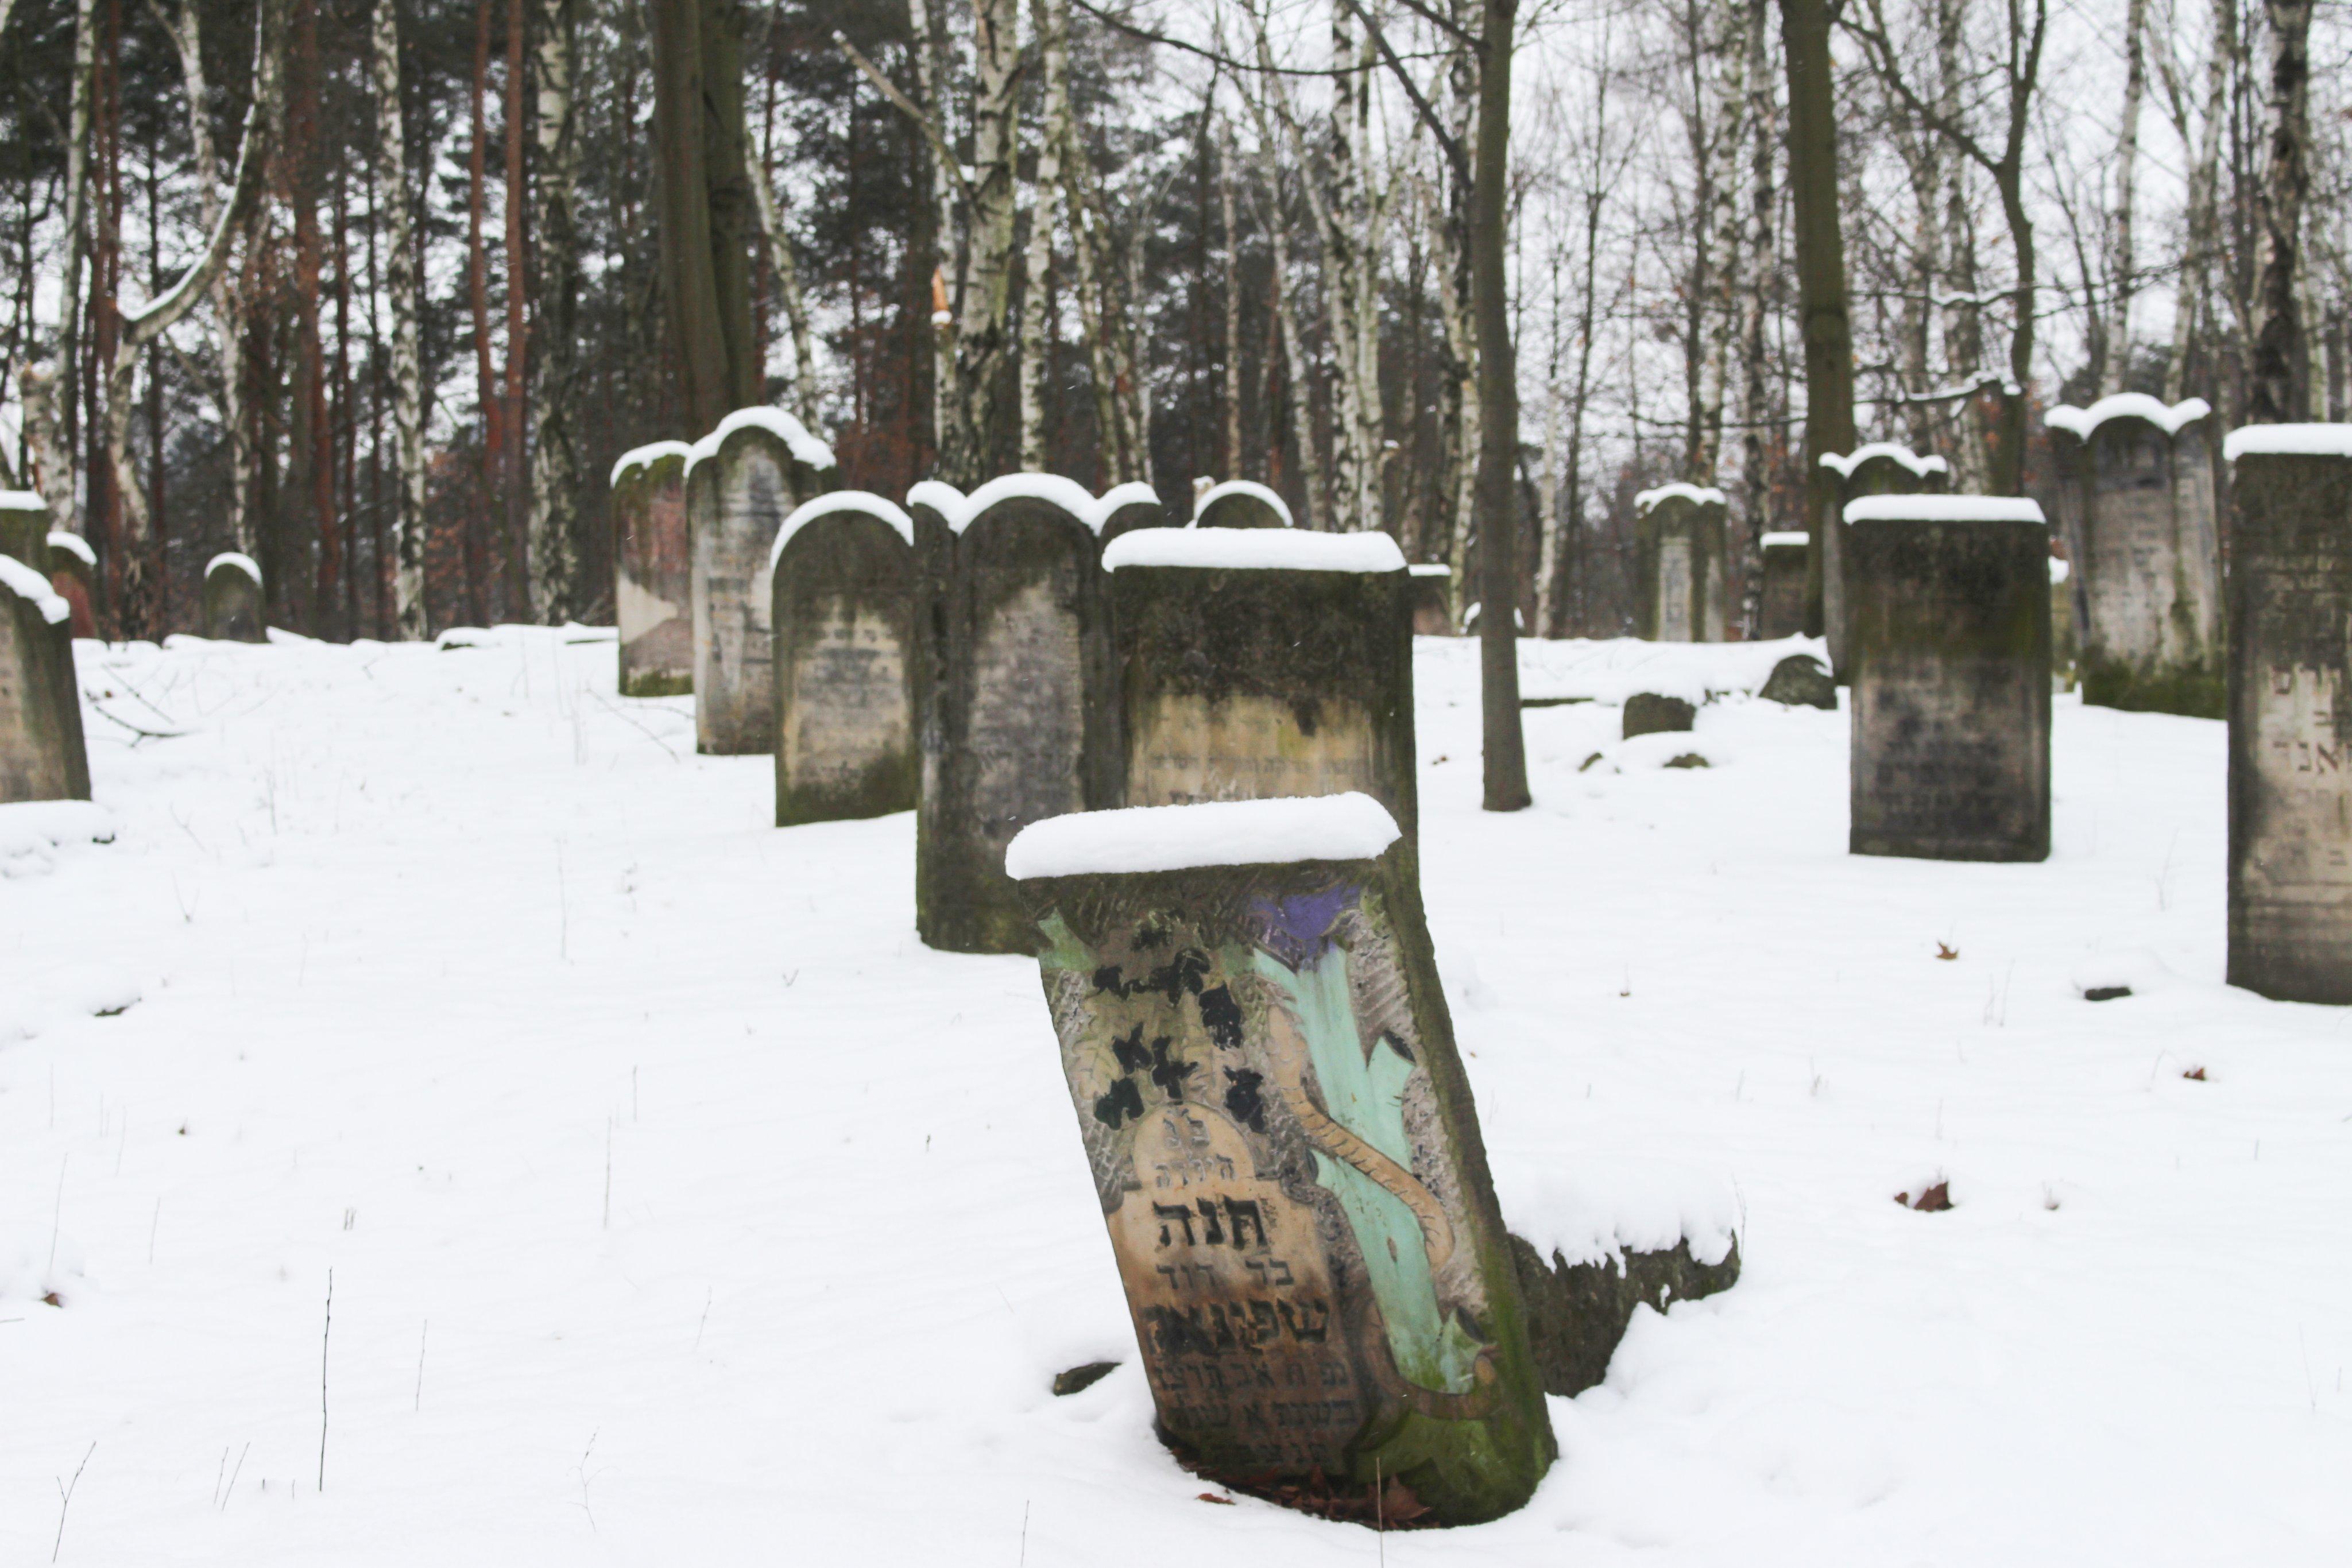 2021-01-17-cmentarz-brudnowski.jpg